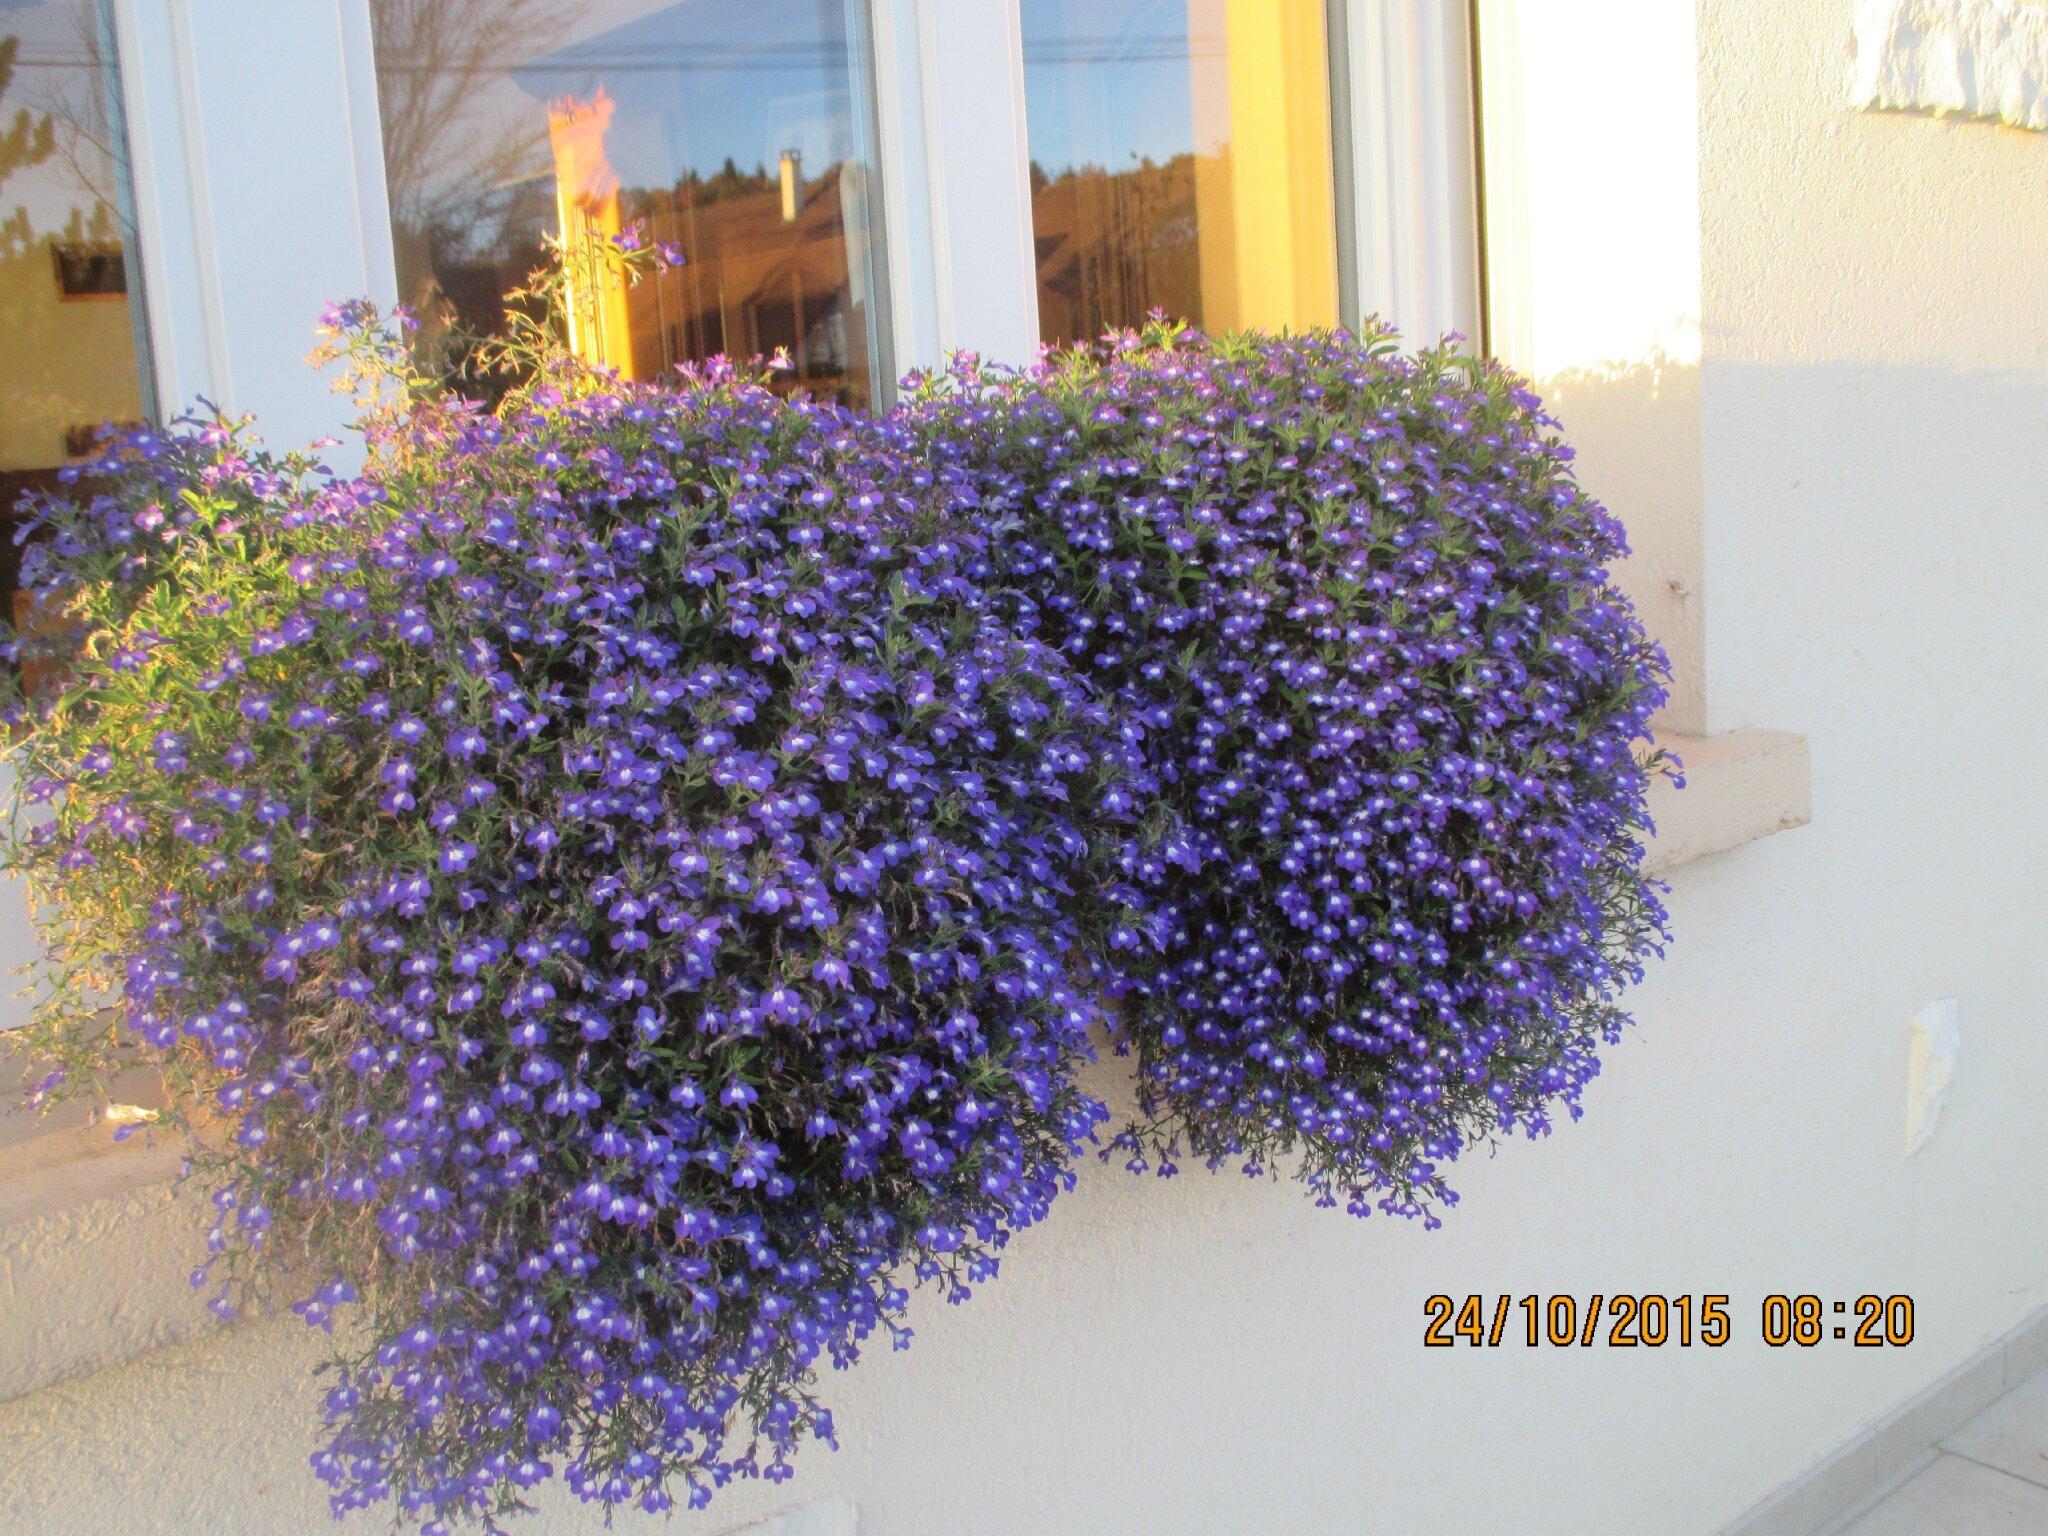 voici un aperçut de mes fleurs.. bon dimanche à vous,grosses bises♥